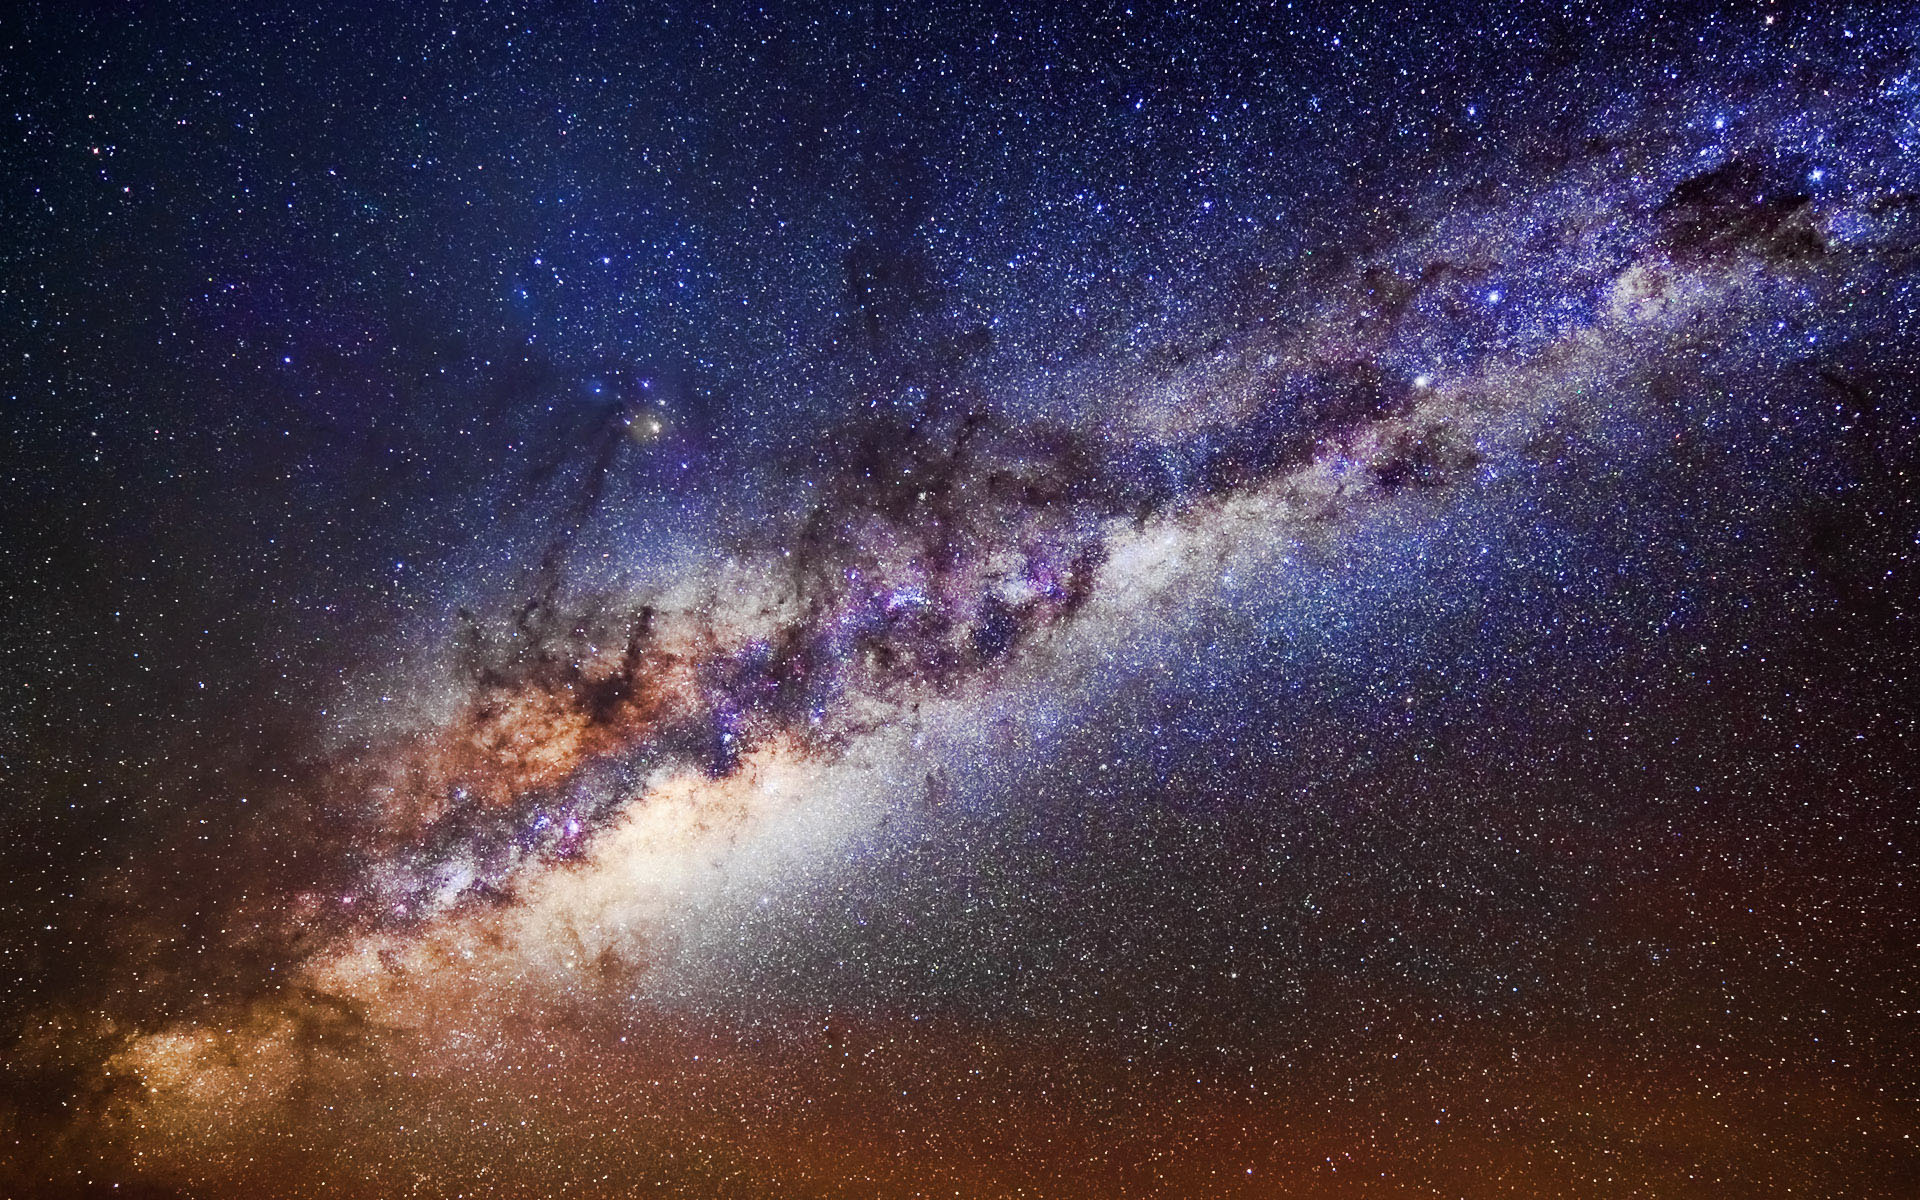 Обои галактика космос звезды картинки на рабочий стол на тему Космос - скачать  № 3548482 без смс